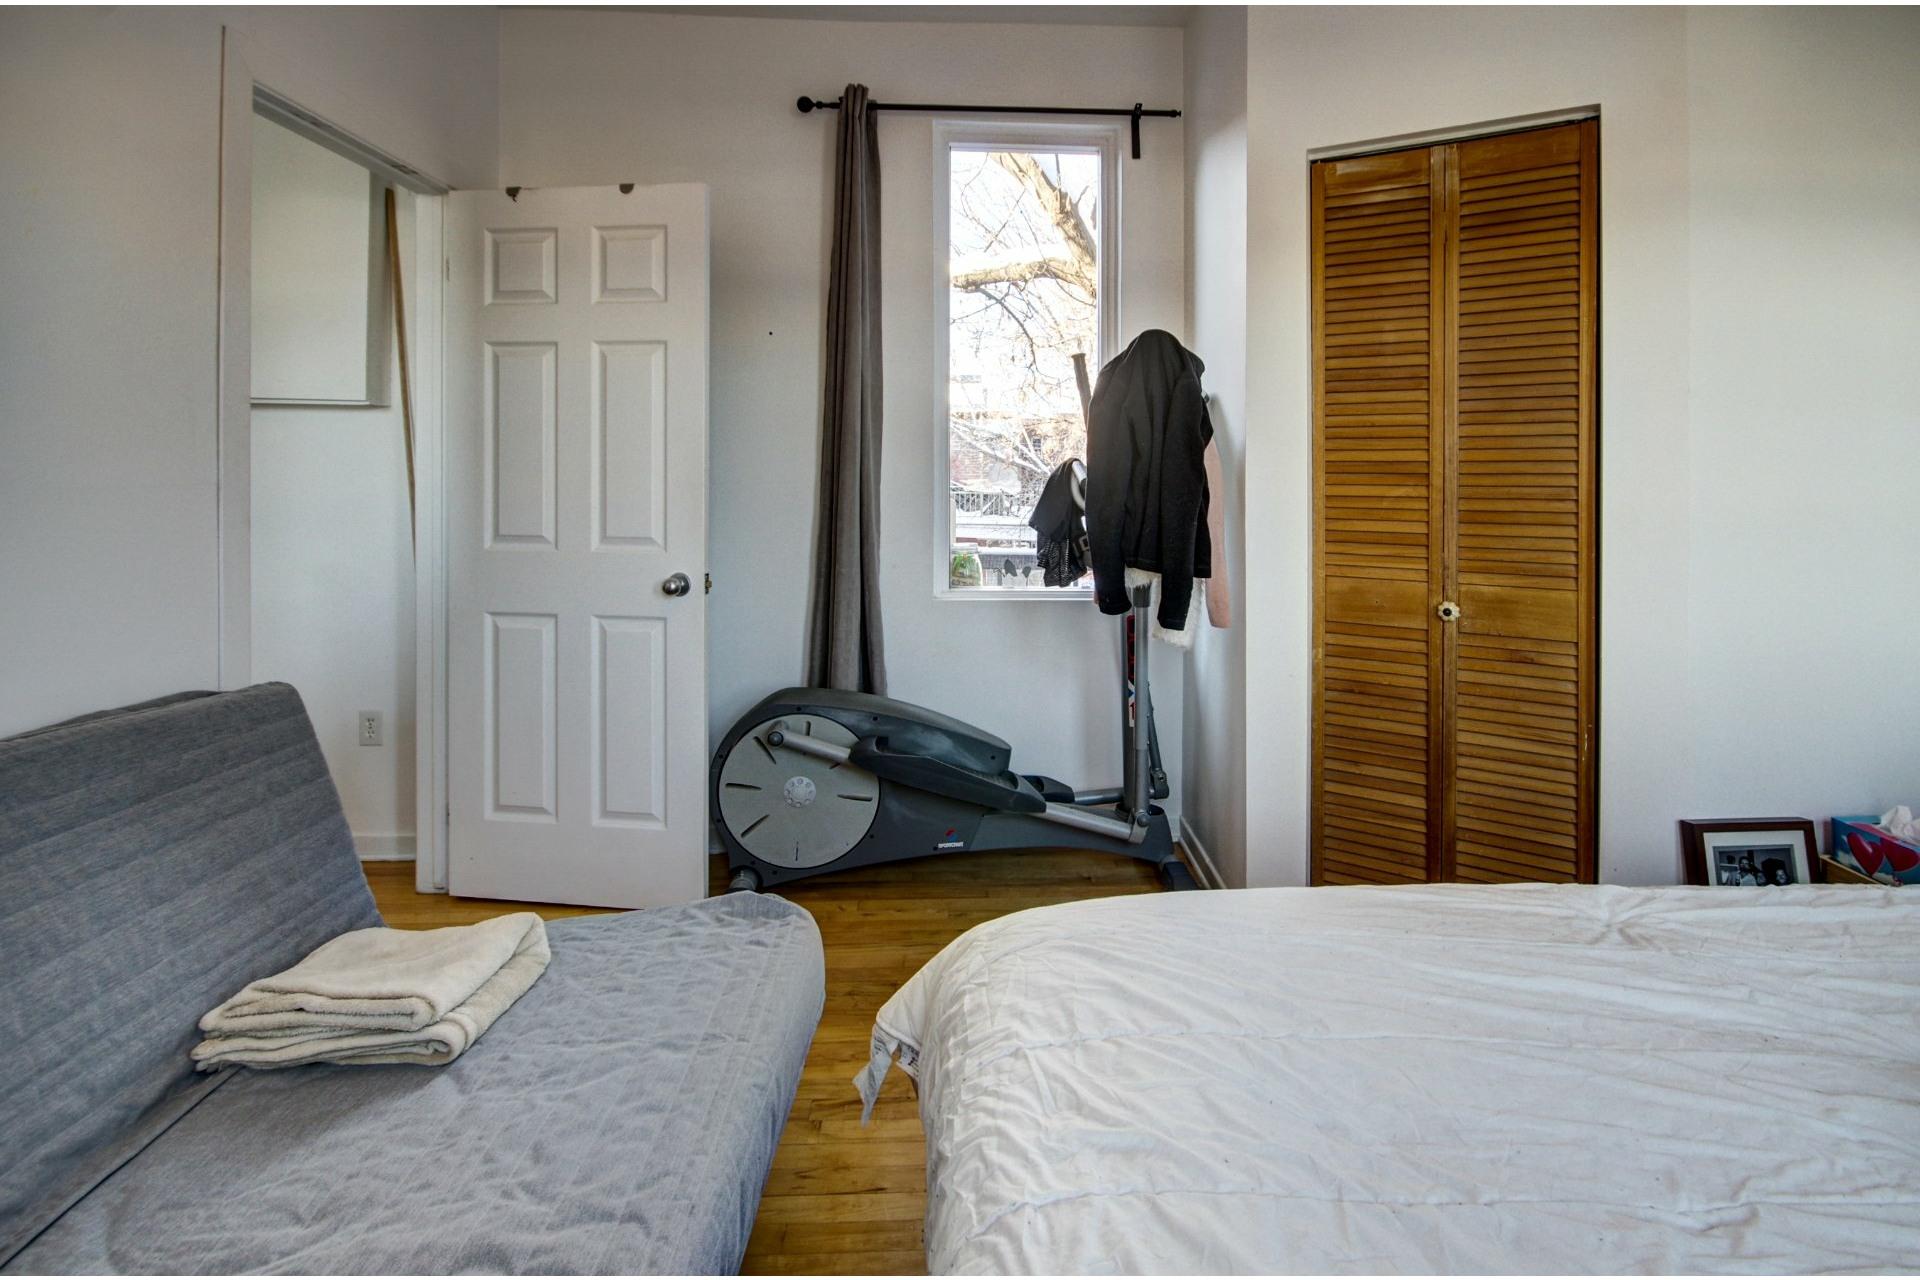 image 6 - Immeuble à revenus À vendre Montréal Le Plateau-Mont-Royal  - 5 pièces